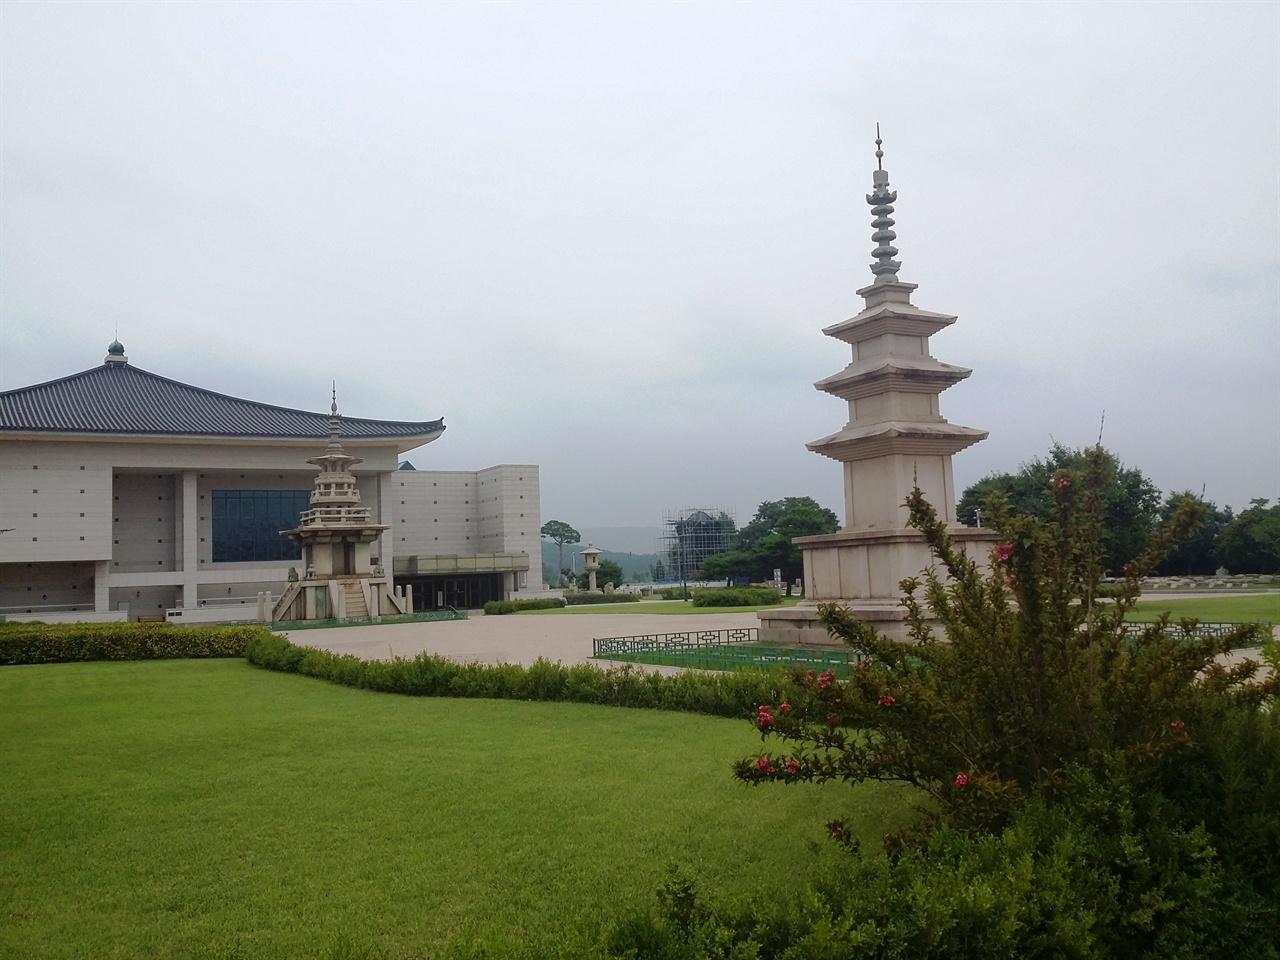 국립경주박물관 정원.